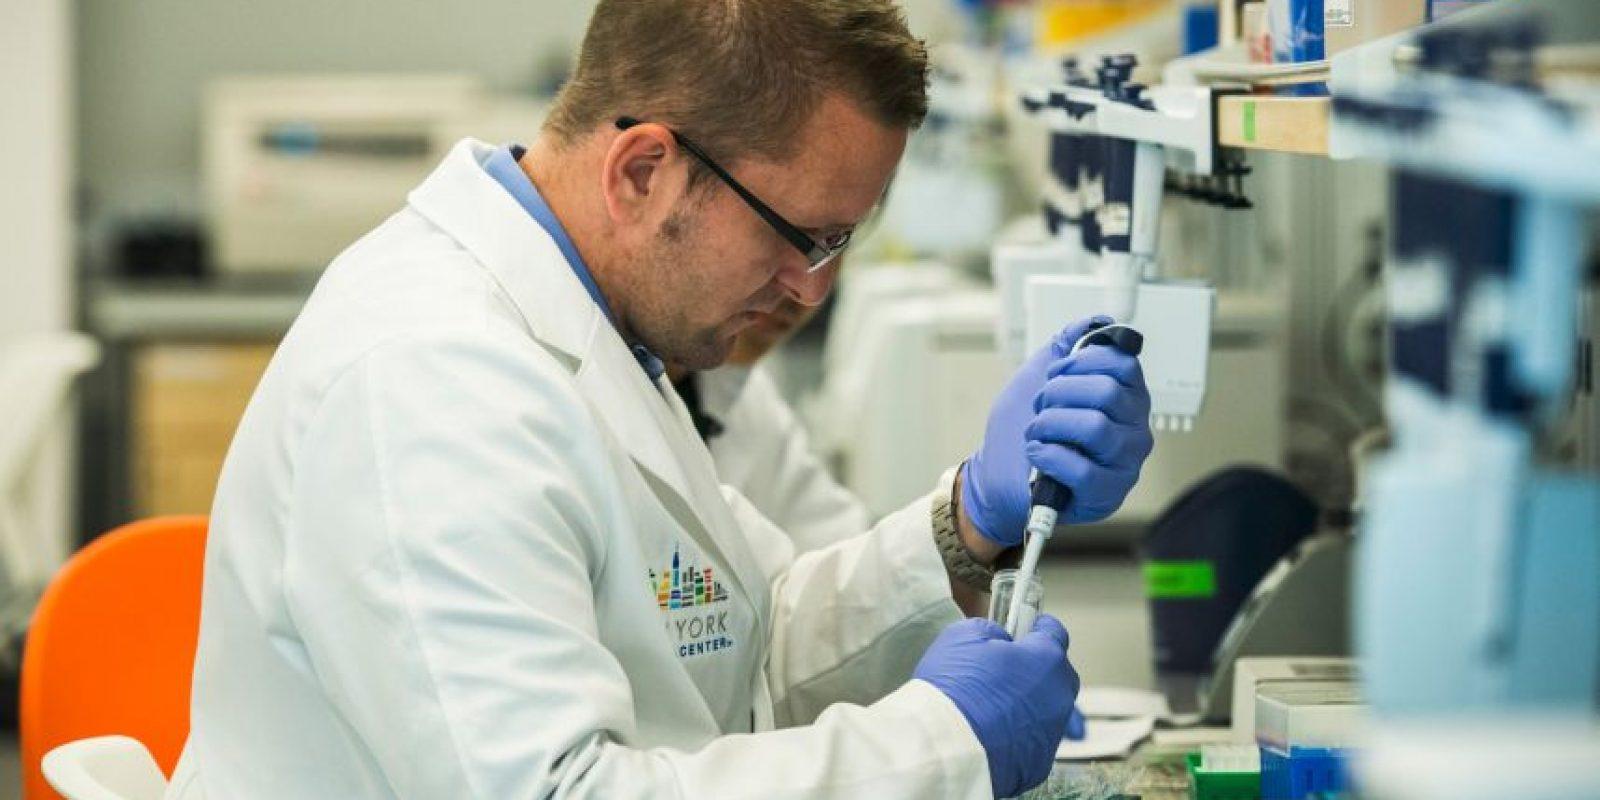 """Además, los científicos encontraron que el """"ayuno intermitente"""" disminuye los niveles de insulina en los participantes, lo que significa que la """"dieta podría tener un efecto antidiabético también"""". Foto:Getty Images"""